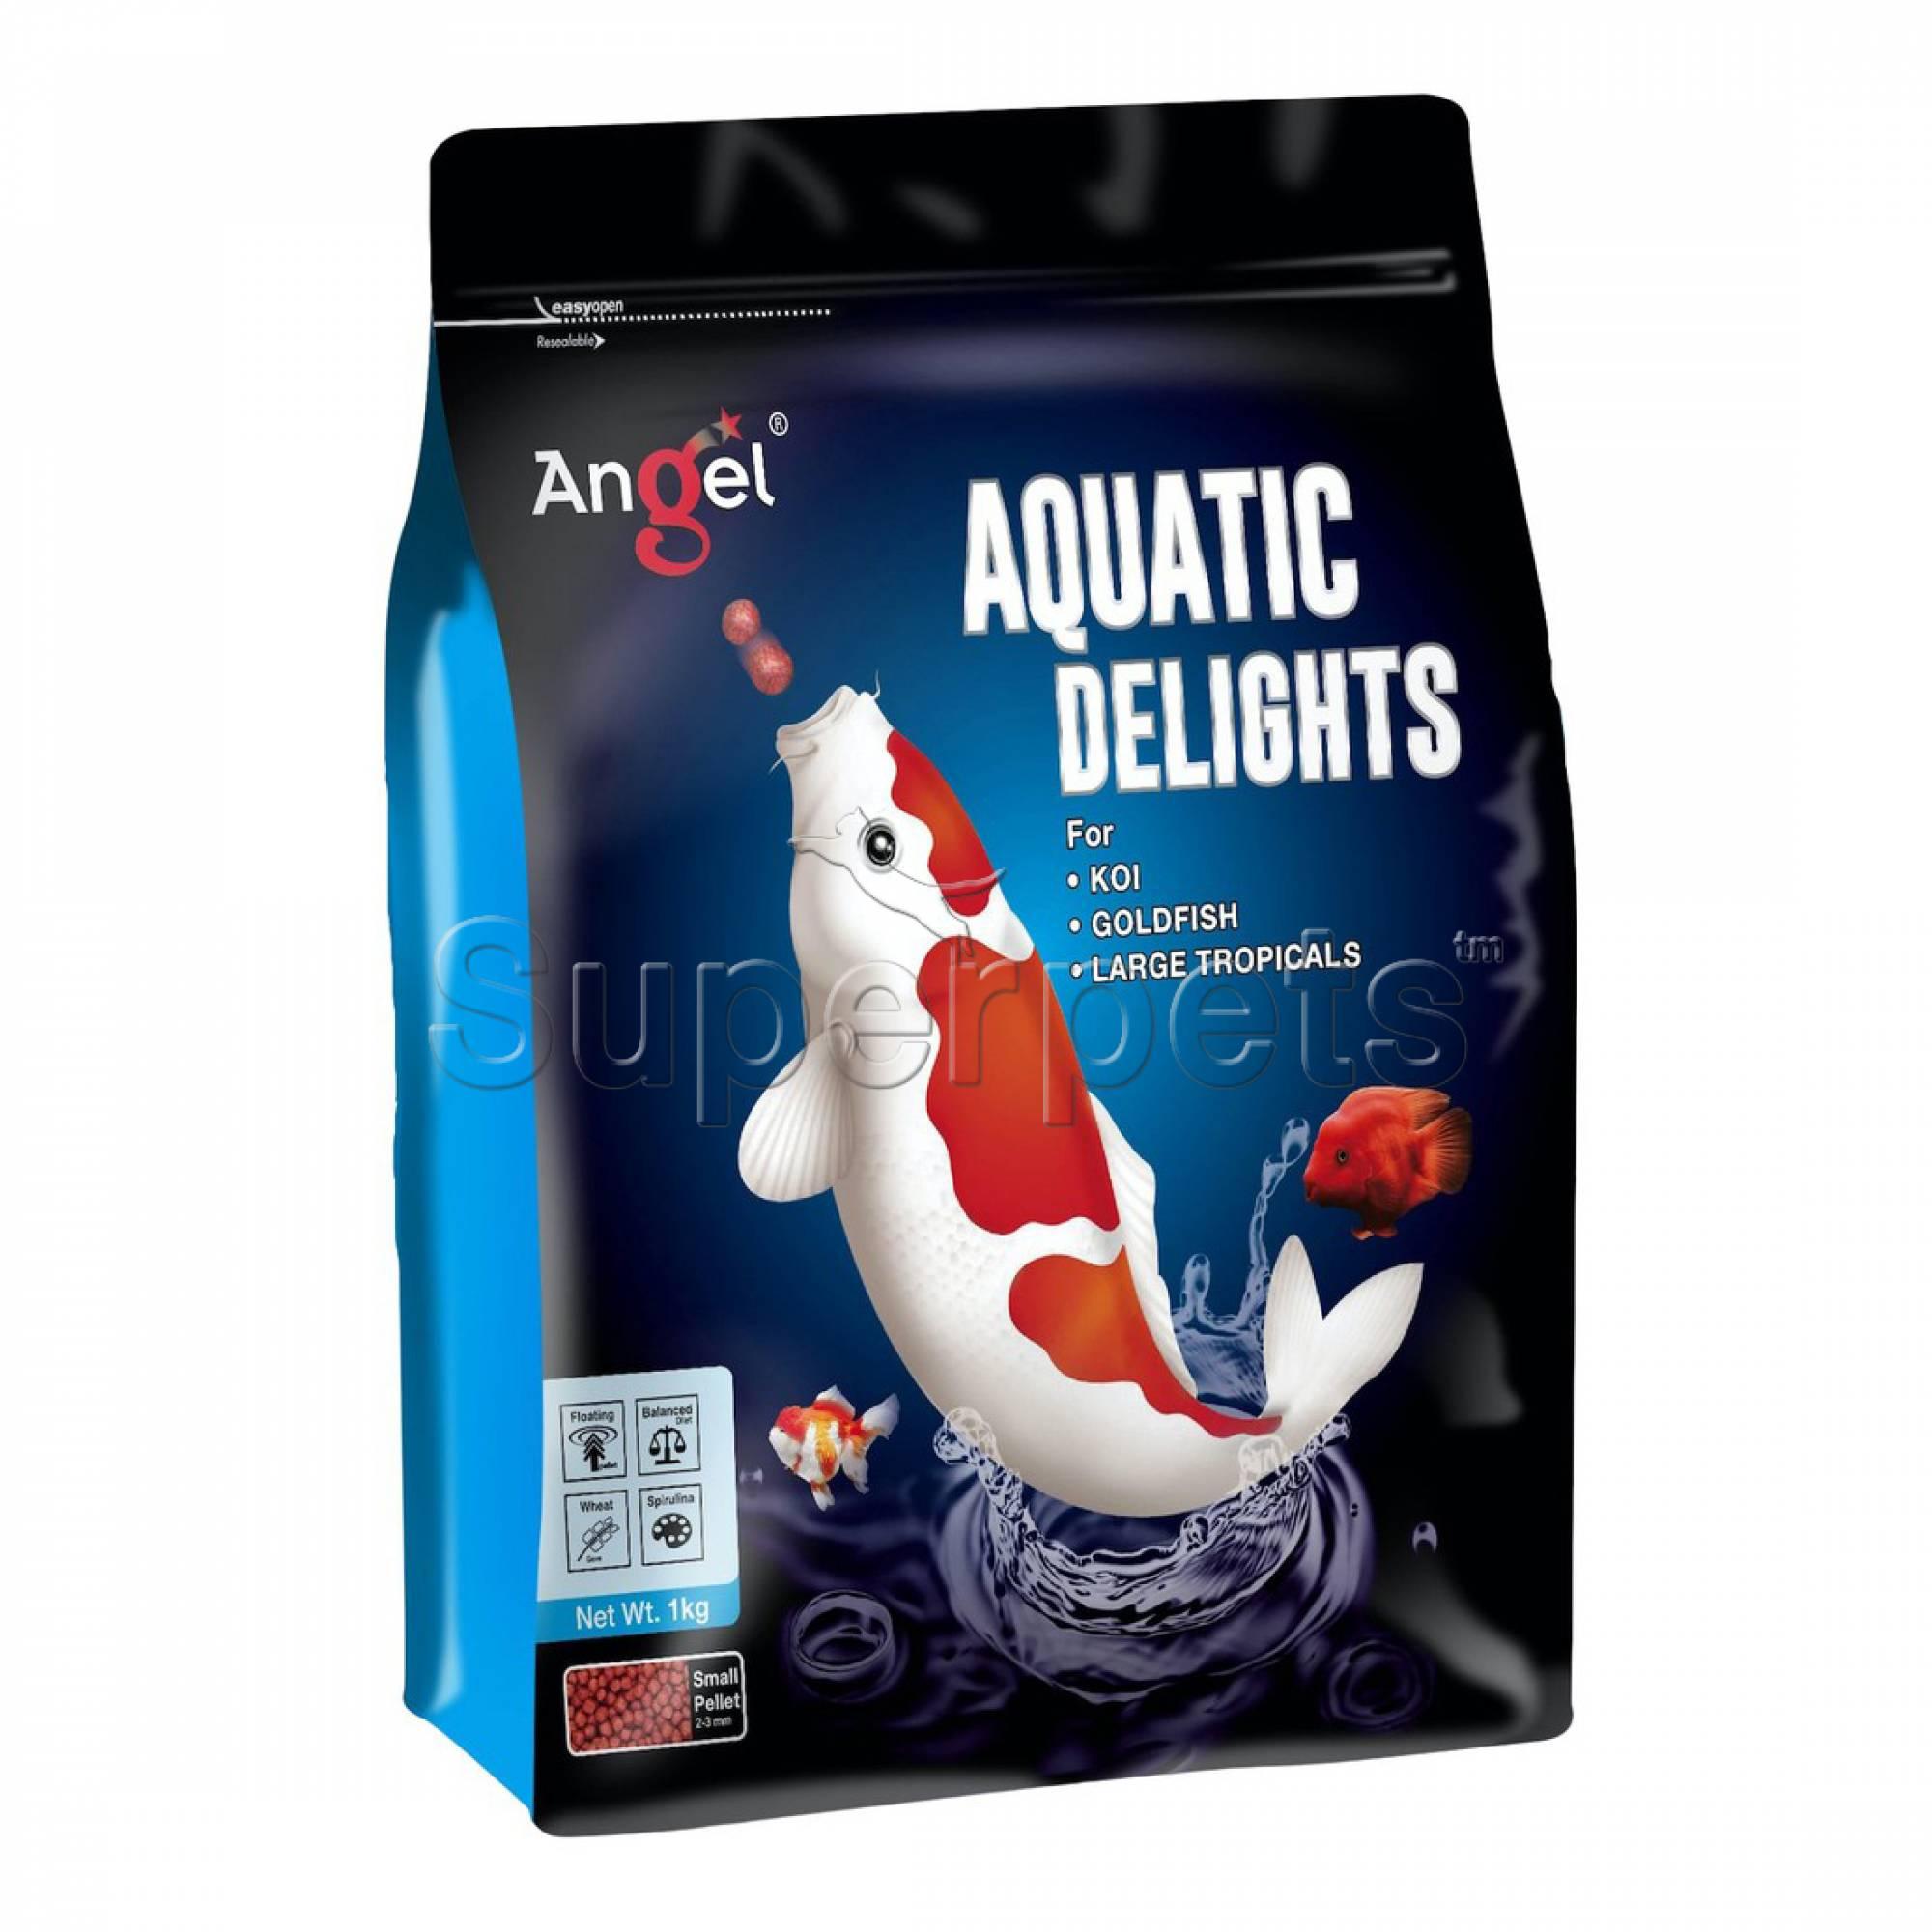 Angel - Aquatic Delights Fish Food 1kg